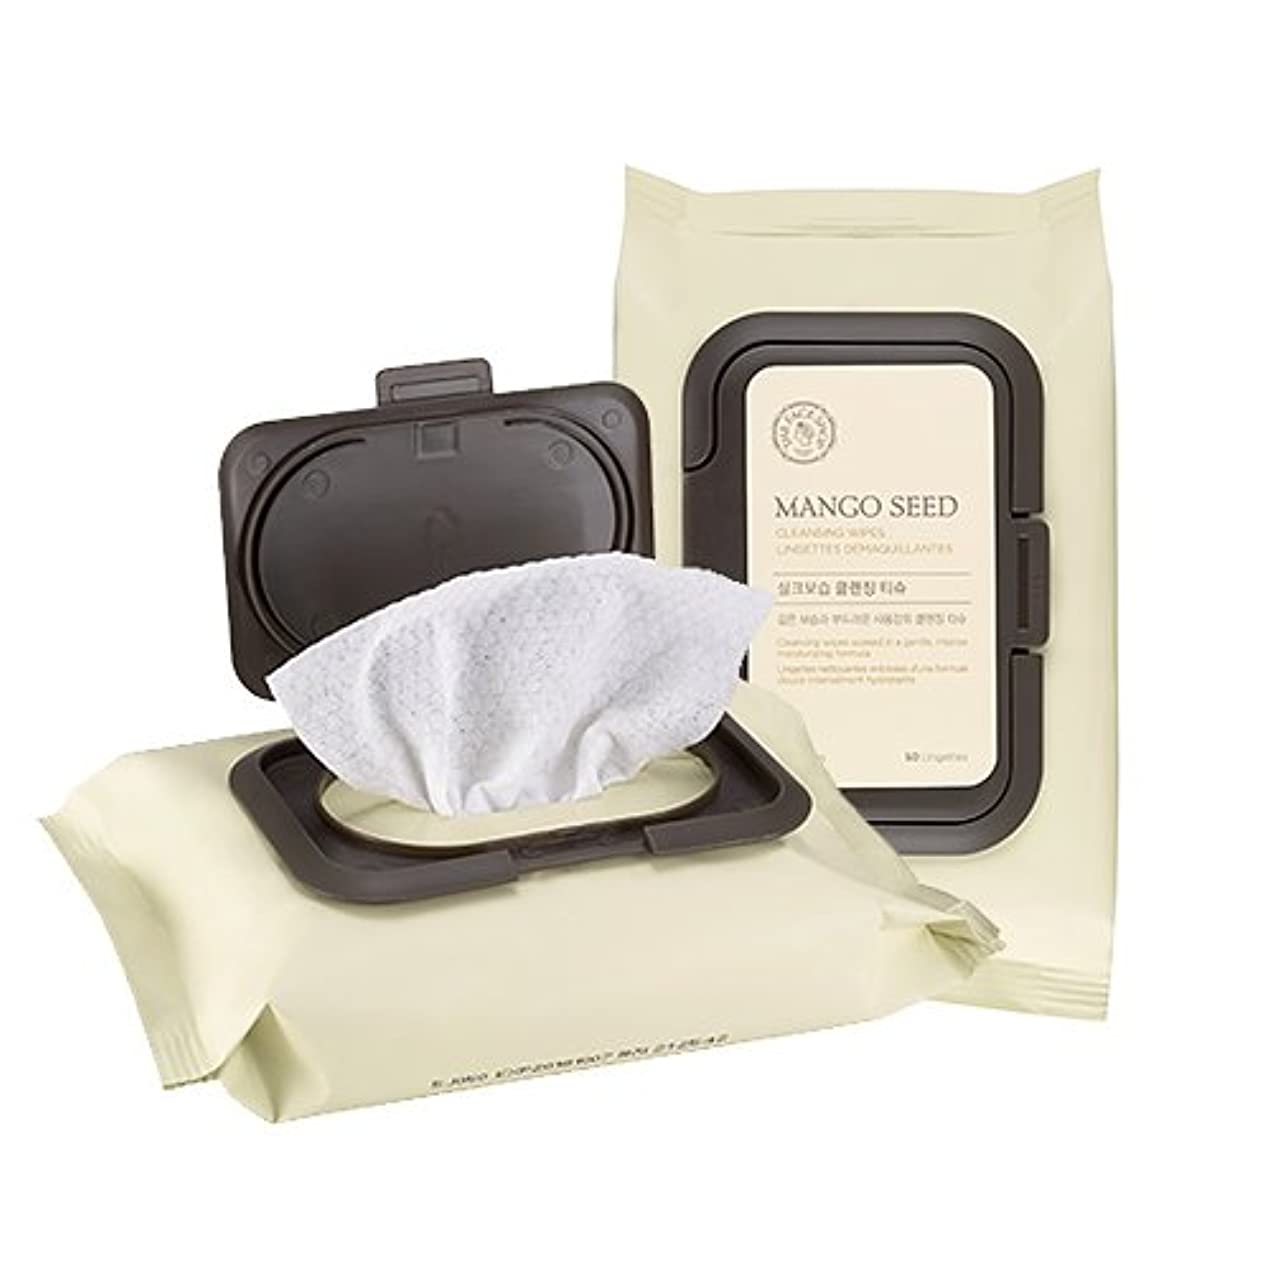 資格情報段落収縮THE FACE SHOP Mango Seed Cleansing Tissue ザフェイスショップ マンゴシード シルク 保湿 クレンジング ティッシュ (50枚) [並行輸入品]